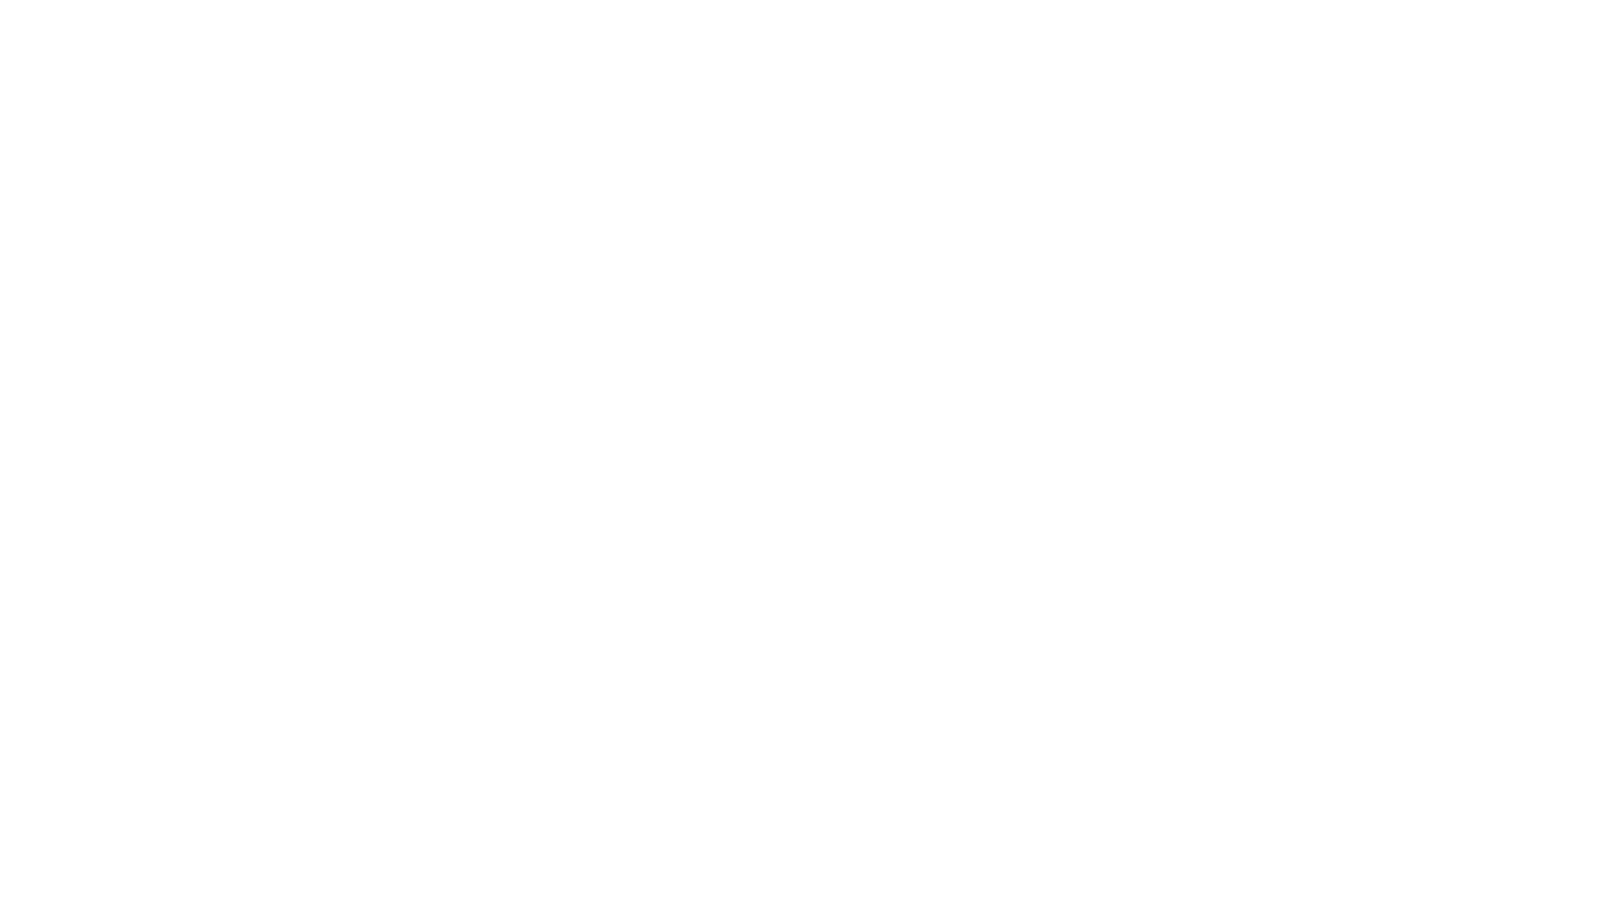 Partido correspondiente a la 1ª jornada de 1ª autonómica de fútbol-sala de la FFCM, Grupo 3, temporada 2021-2022, entre los equipos FS Pozo de Guadalajara y CD Los Navalmorales FS, desde el Polideportivo Municipal de Pozo de Guadalajara (Guadalajara)